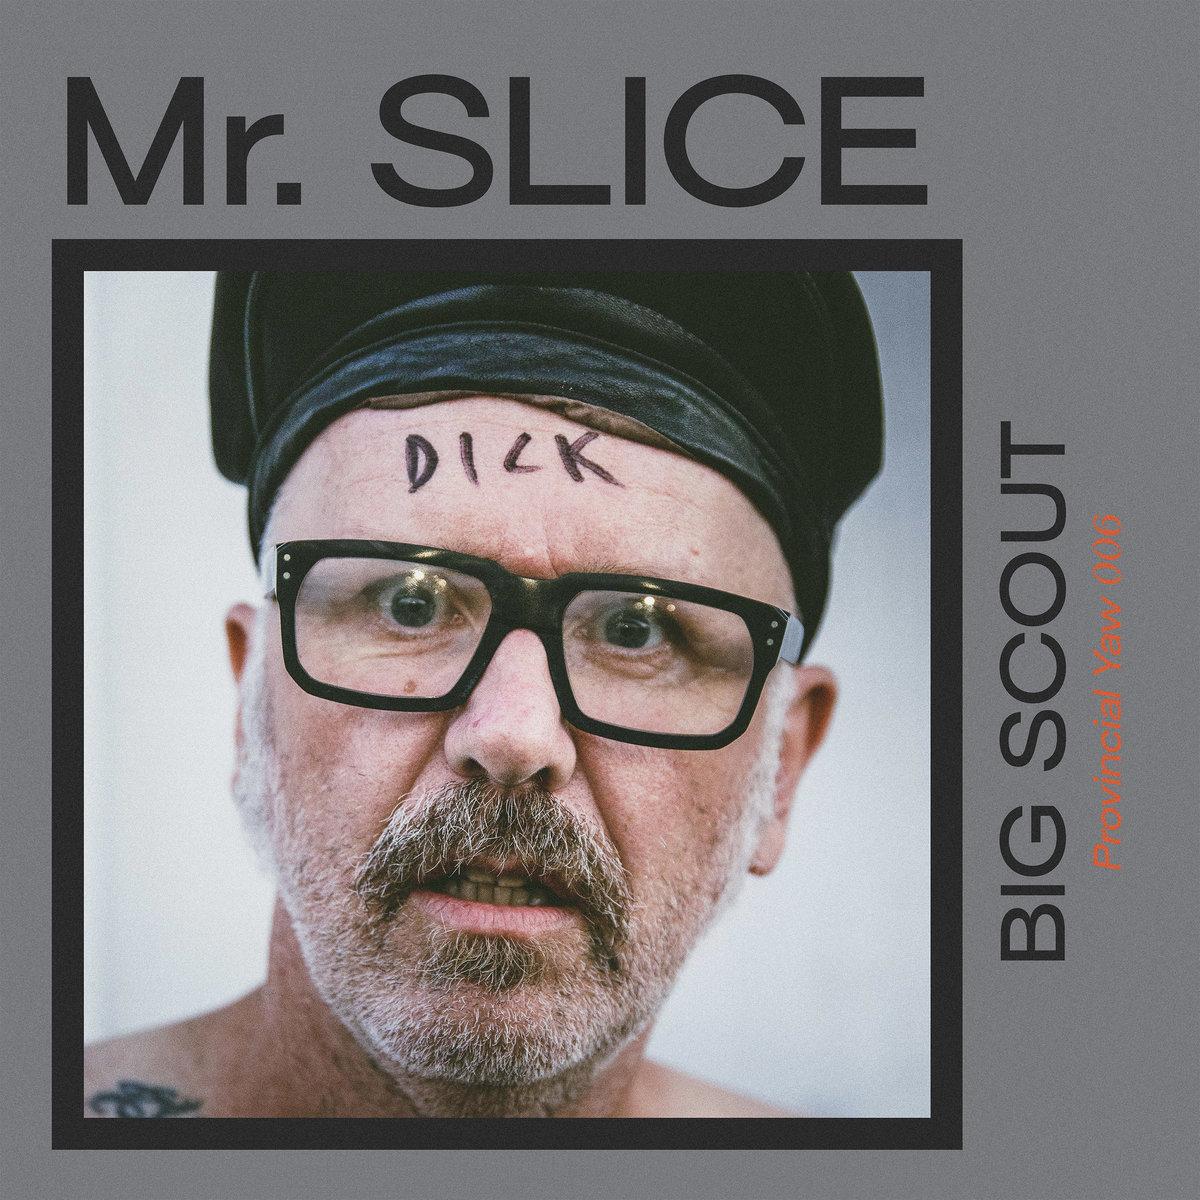 Mr. Slice